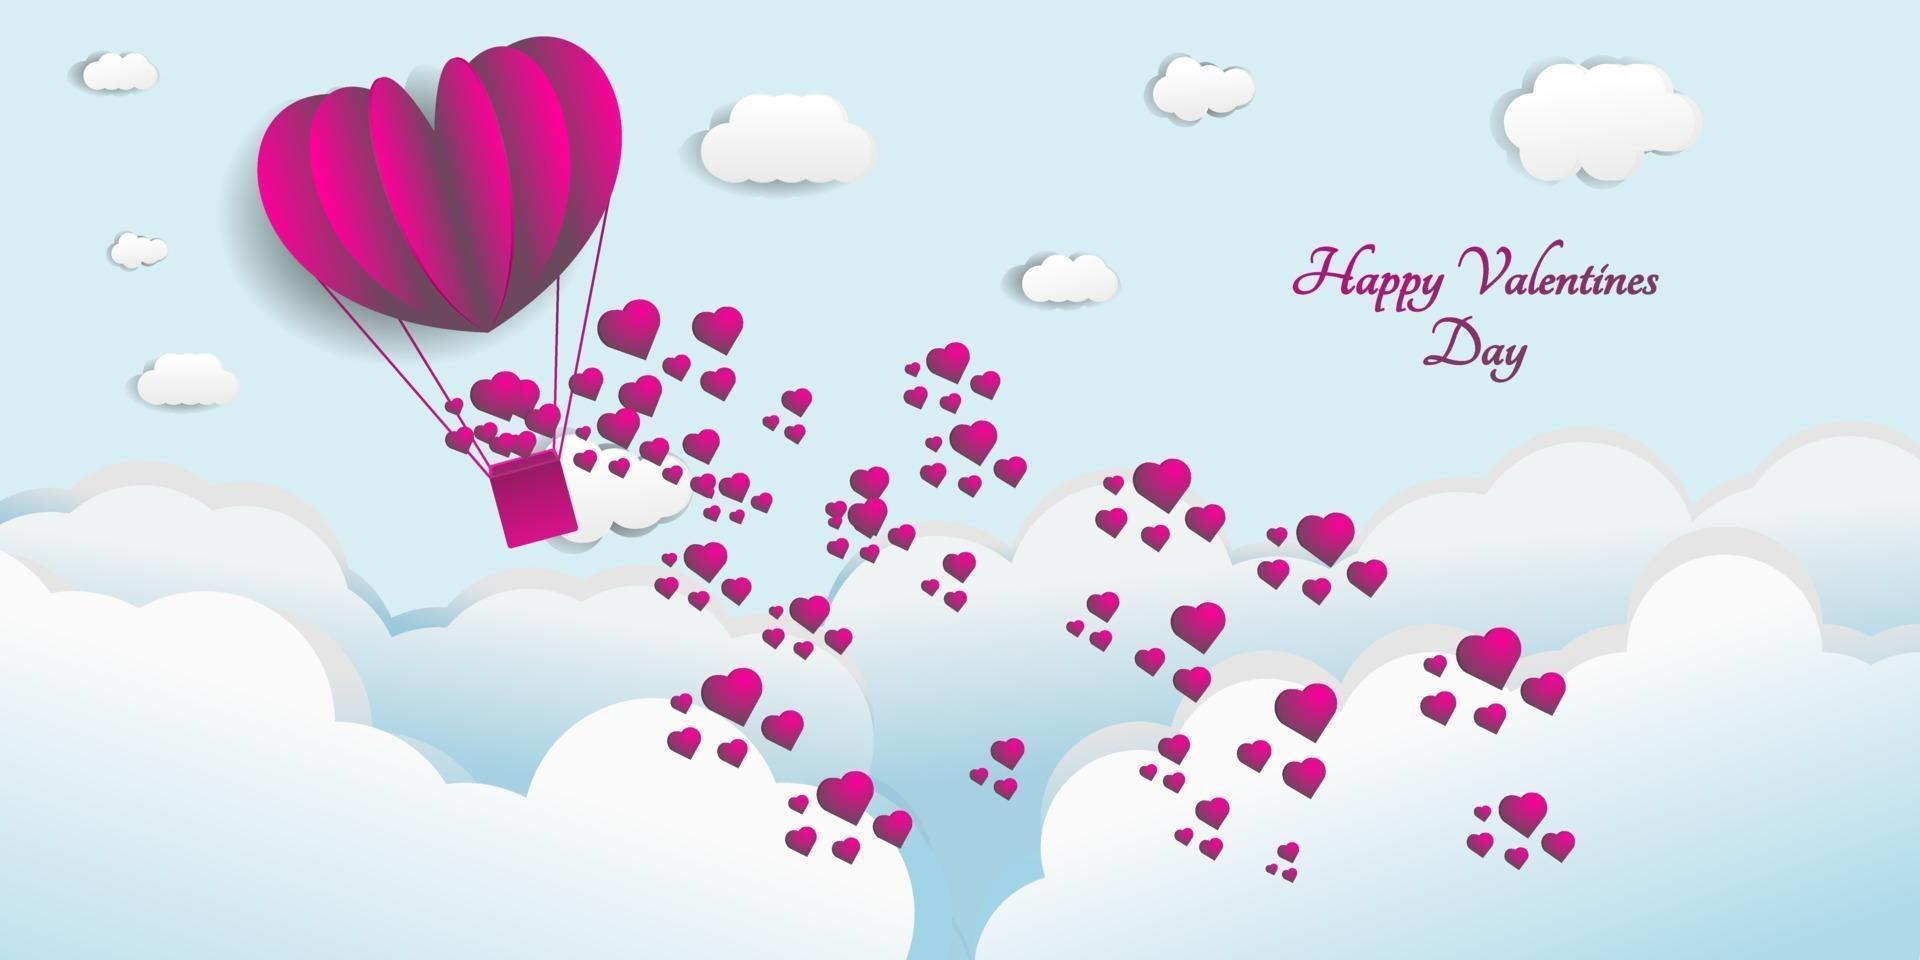 bakgrund konceptdesign. ballonghjärtor som flyger i himlen vektor